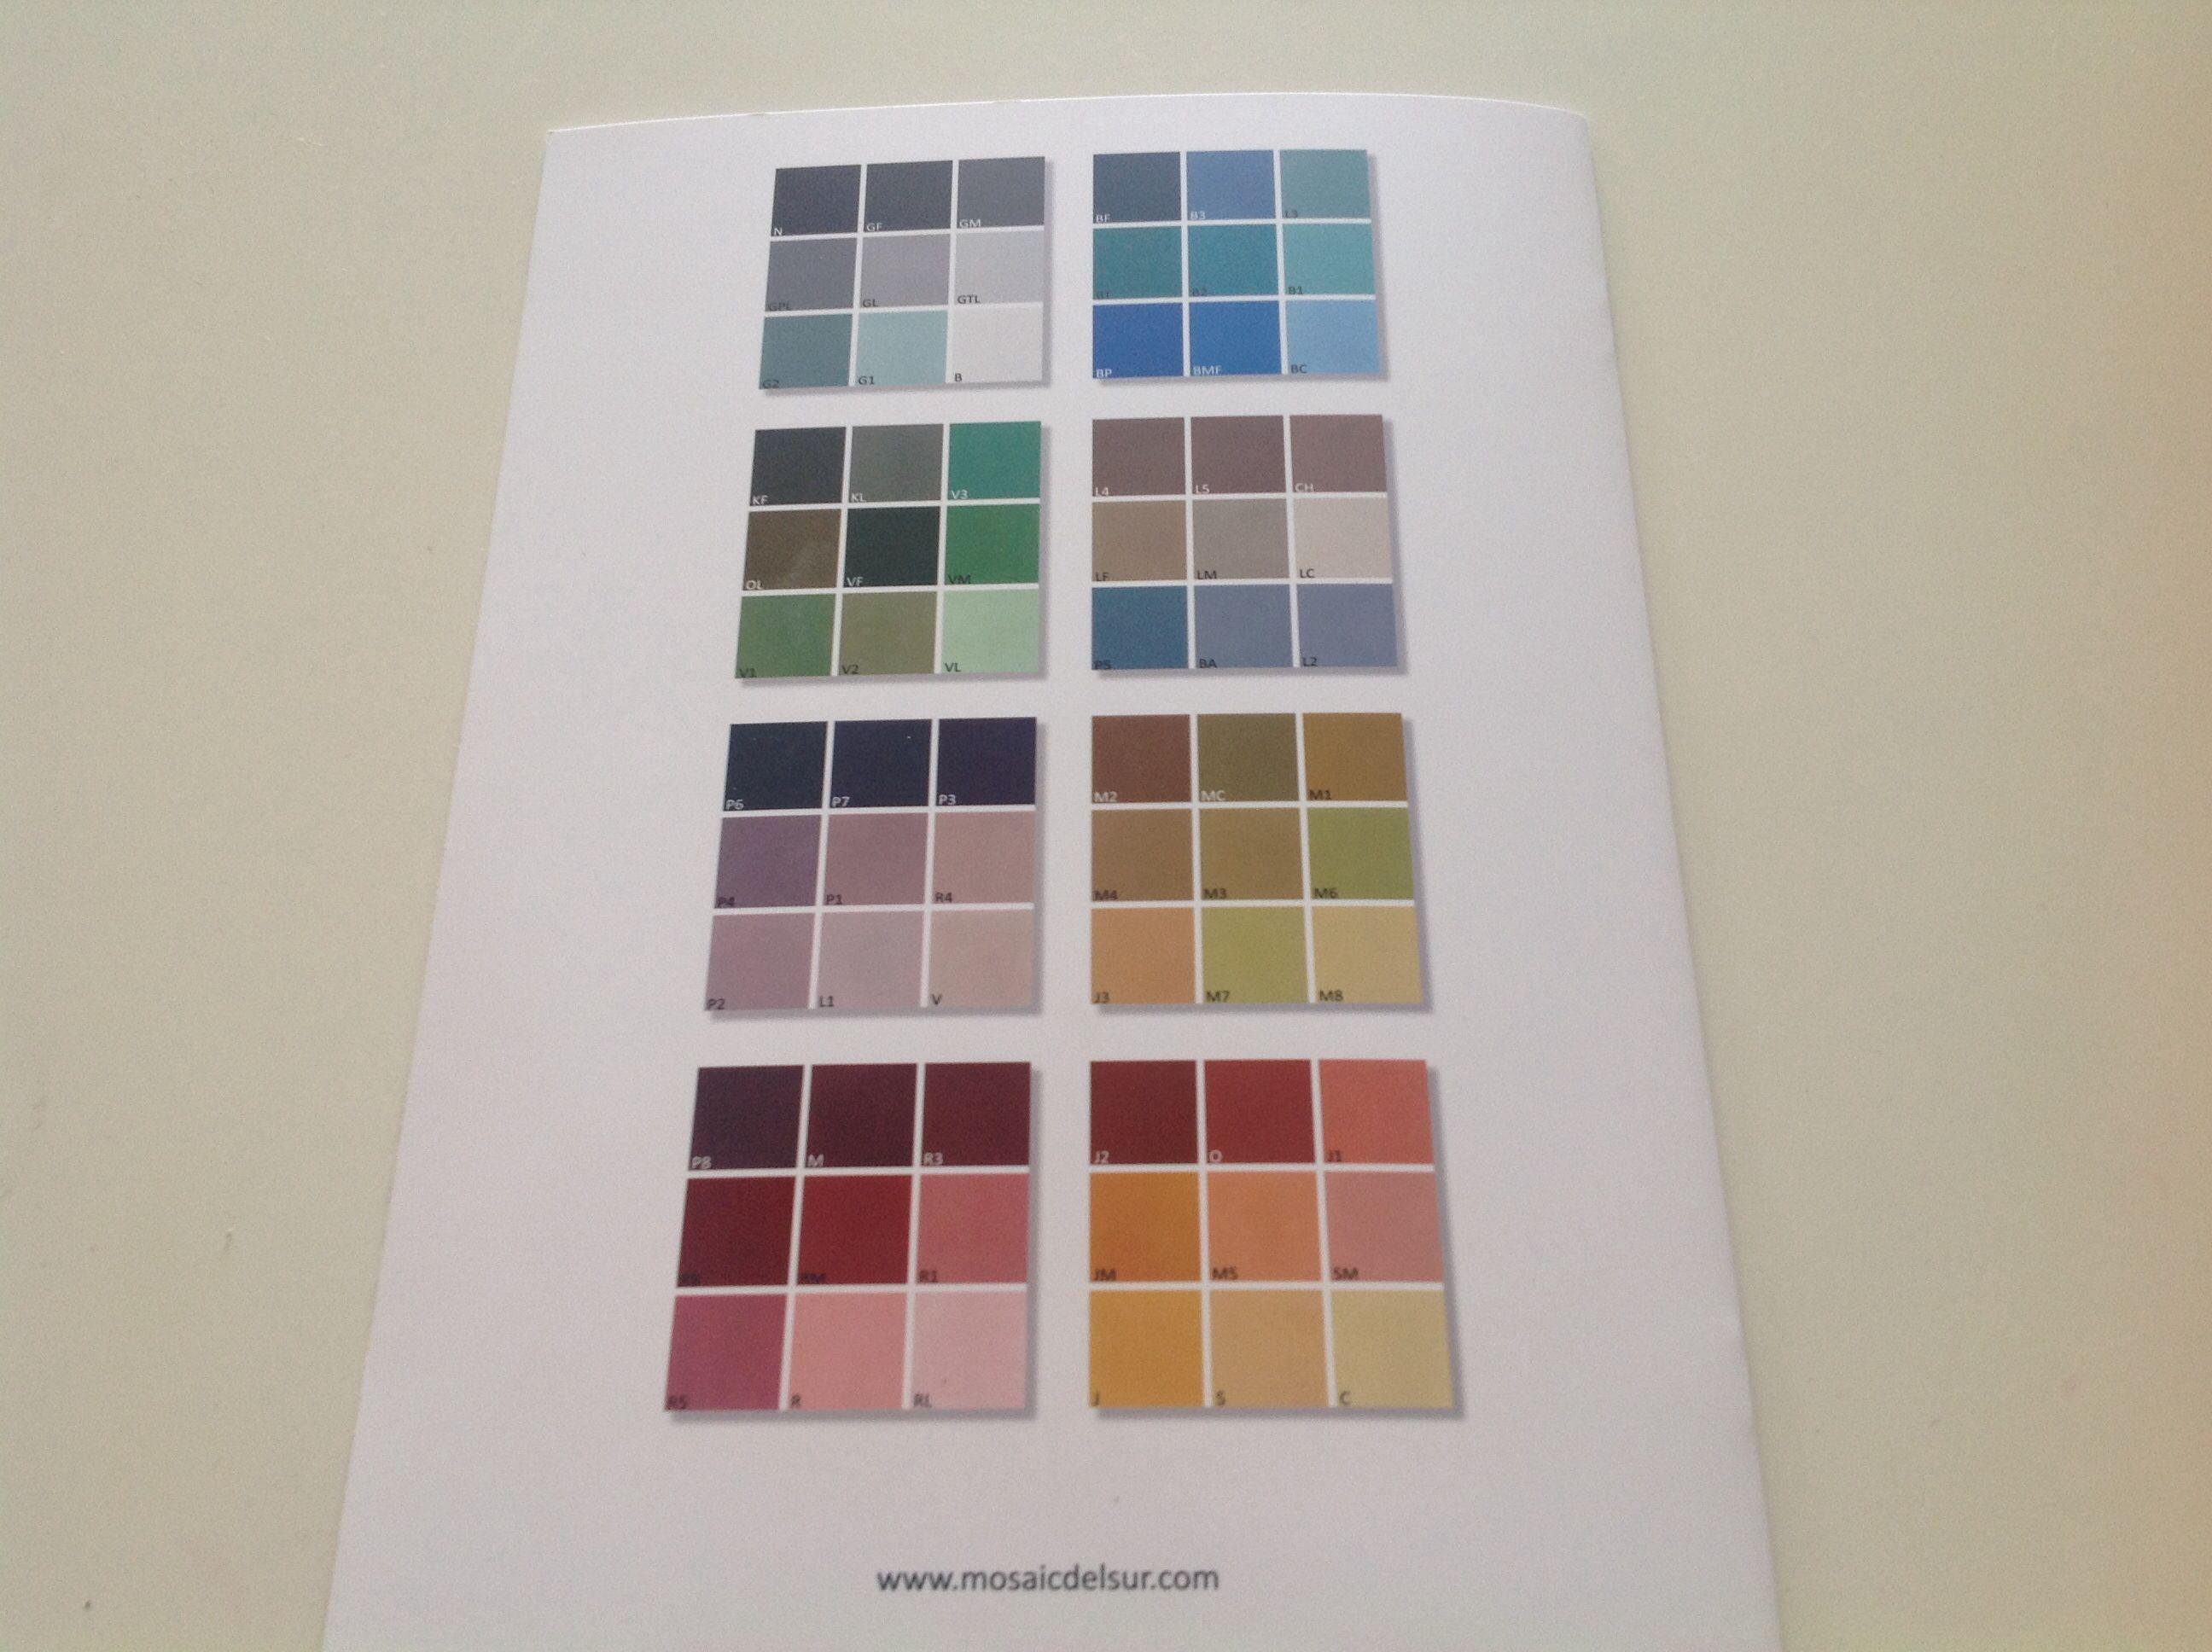 Mosaic Sur dernière page du catalogue mosaic sur carreaux de ciment